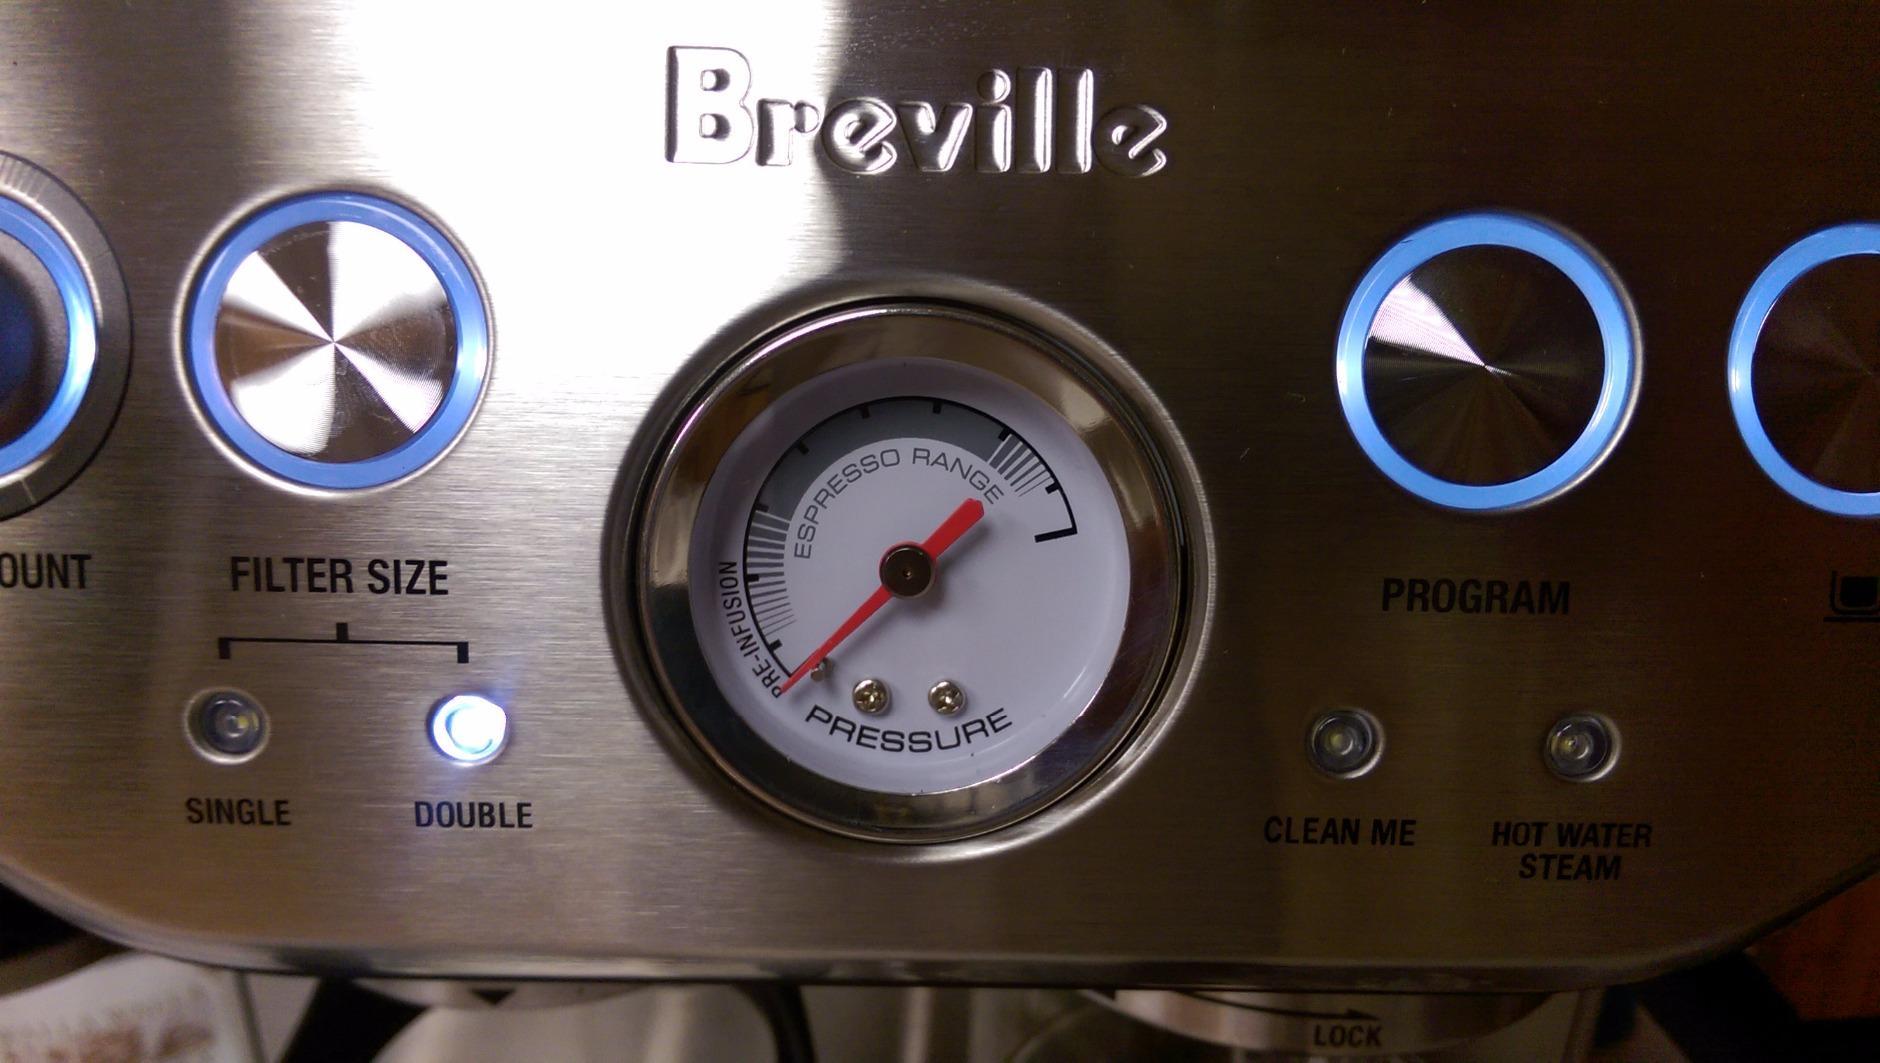 Top 3 Best Espresso Machine Under 1000 Buyer S Guide